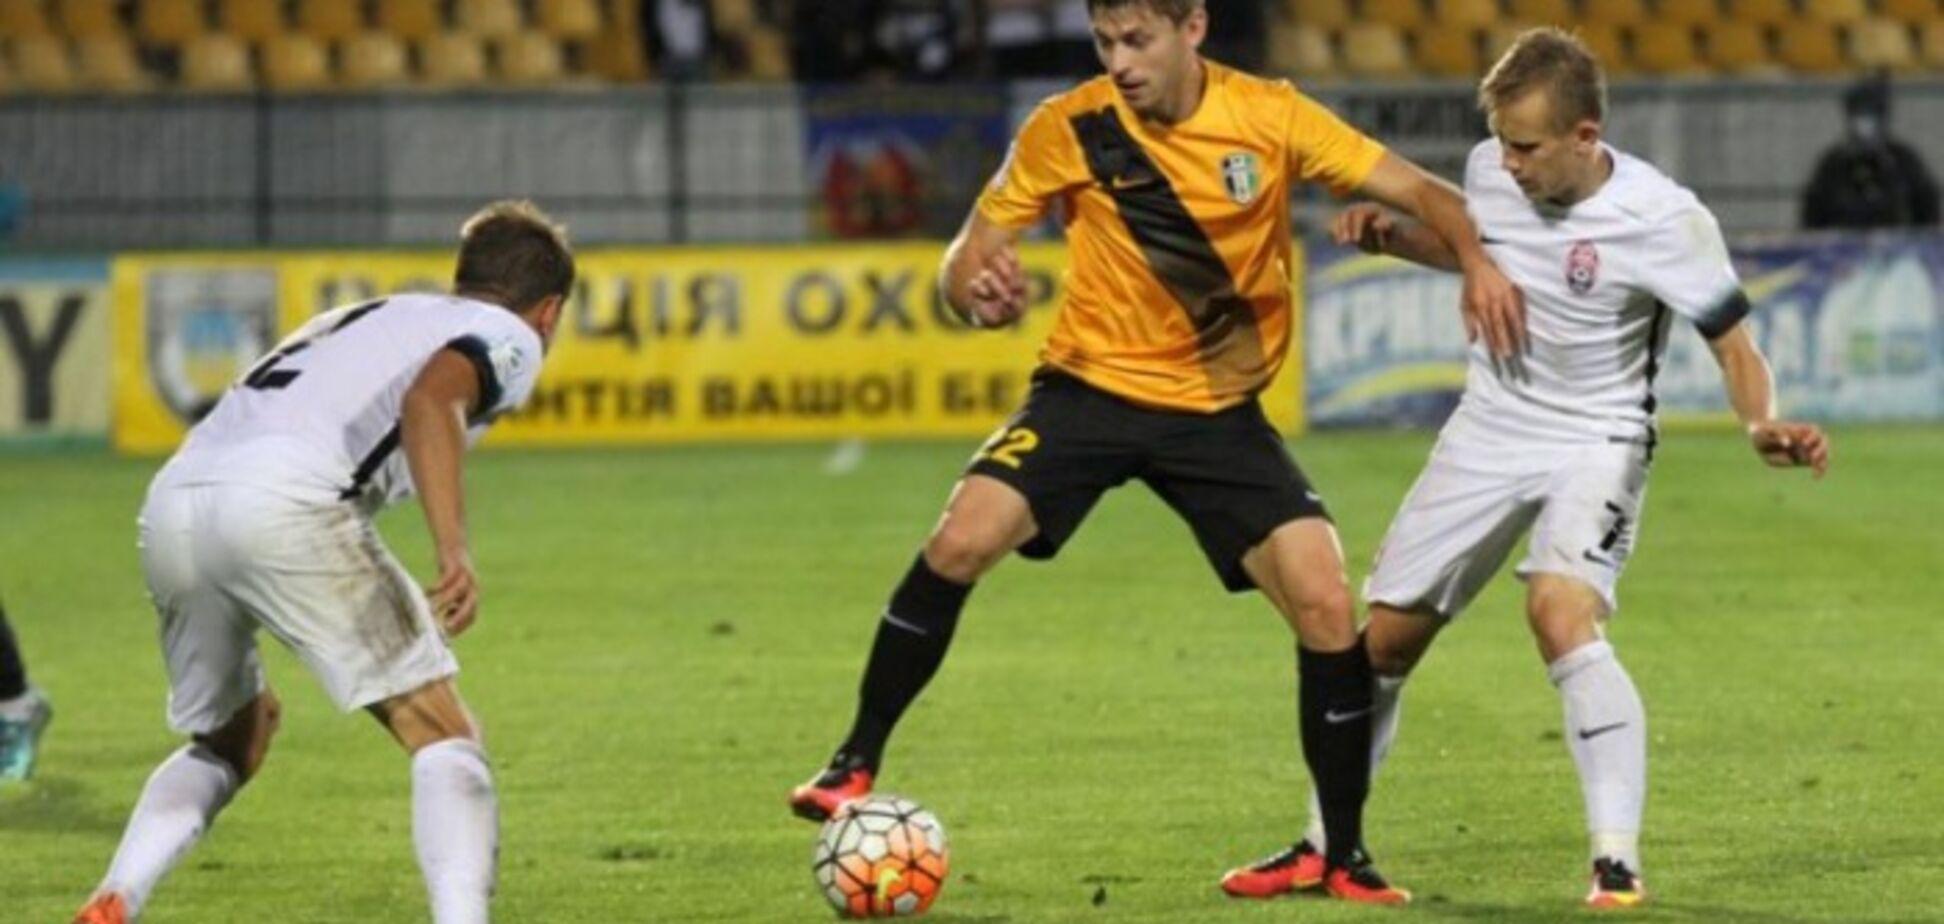 Футболист 'Александрии' забил шикарный гол в девятку: видео шедевра